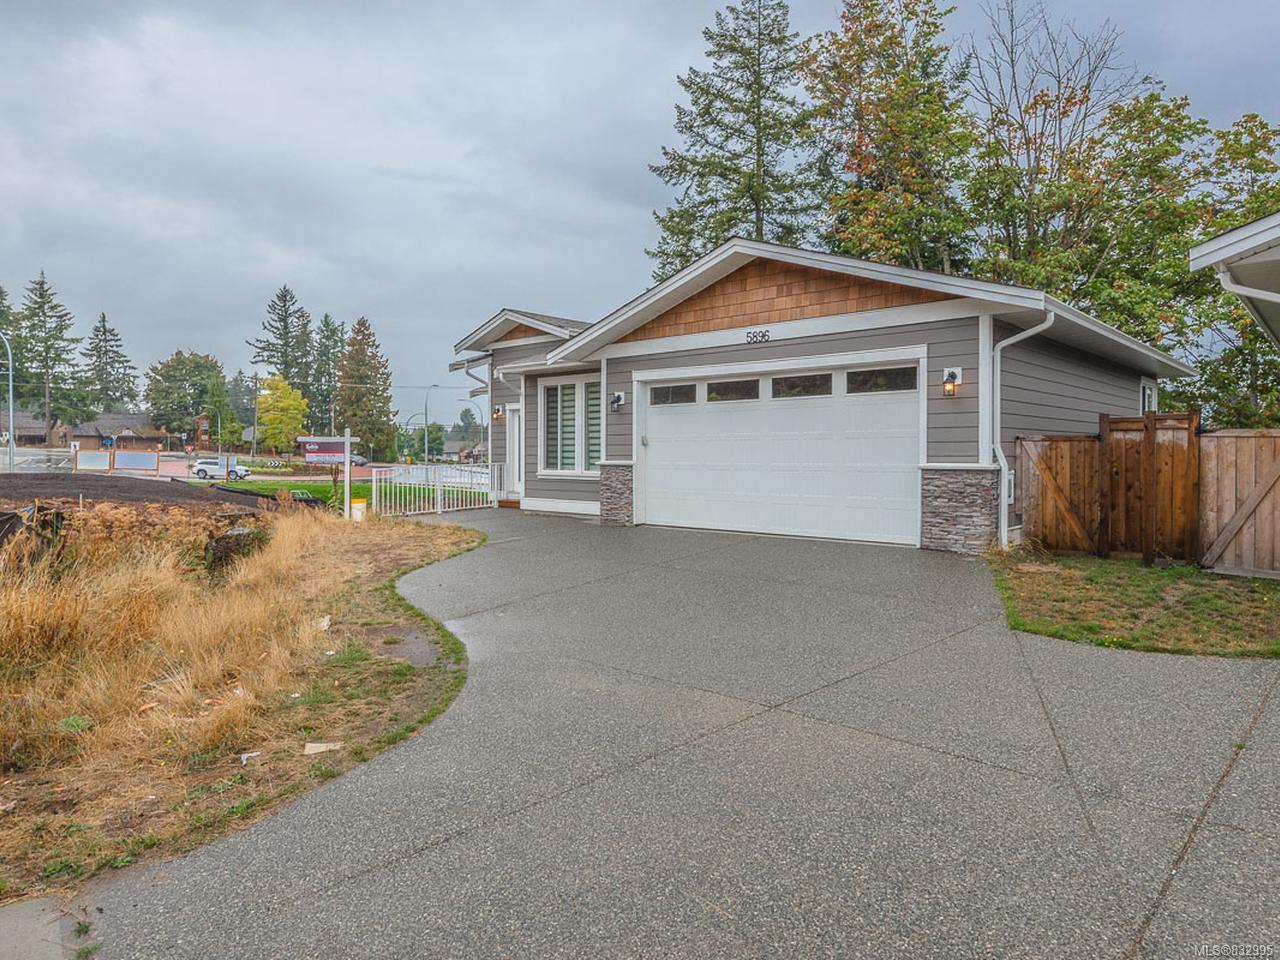 Main Photo: 5896 Linyard Rd in NANAIMO: Na North Nanaimo House for sale (Nanaimo)  : MLS®# 832995